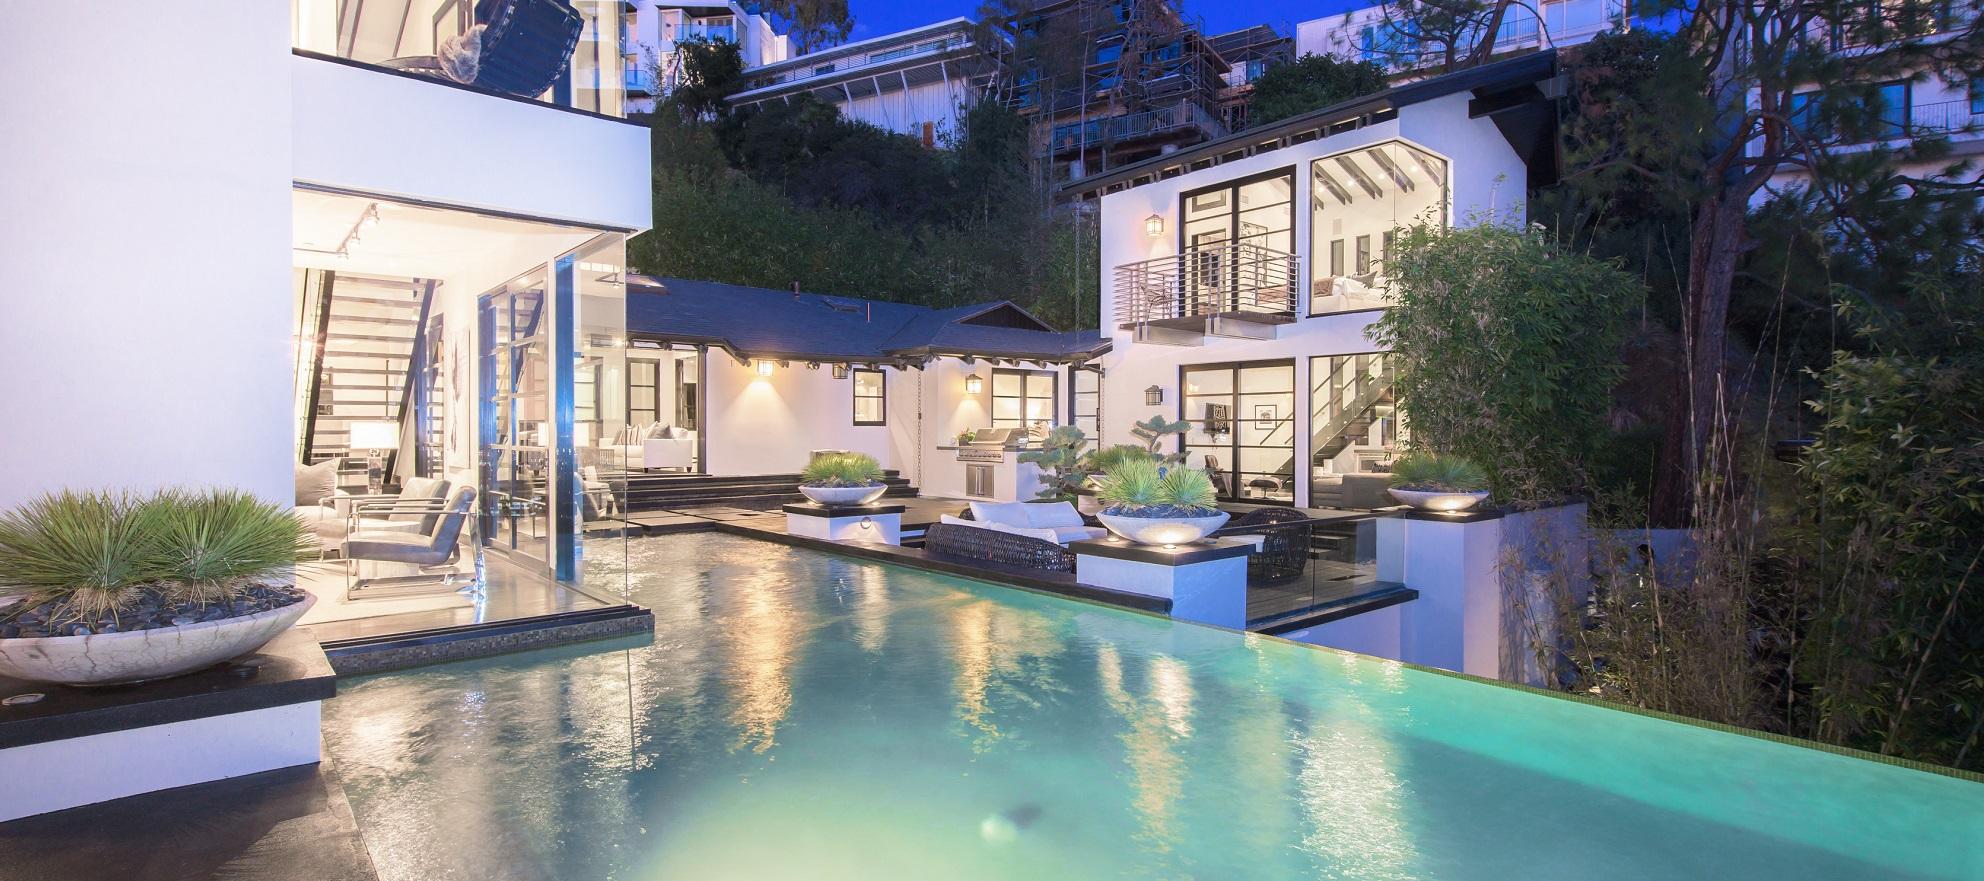 LA luxury home